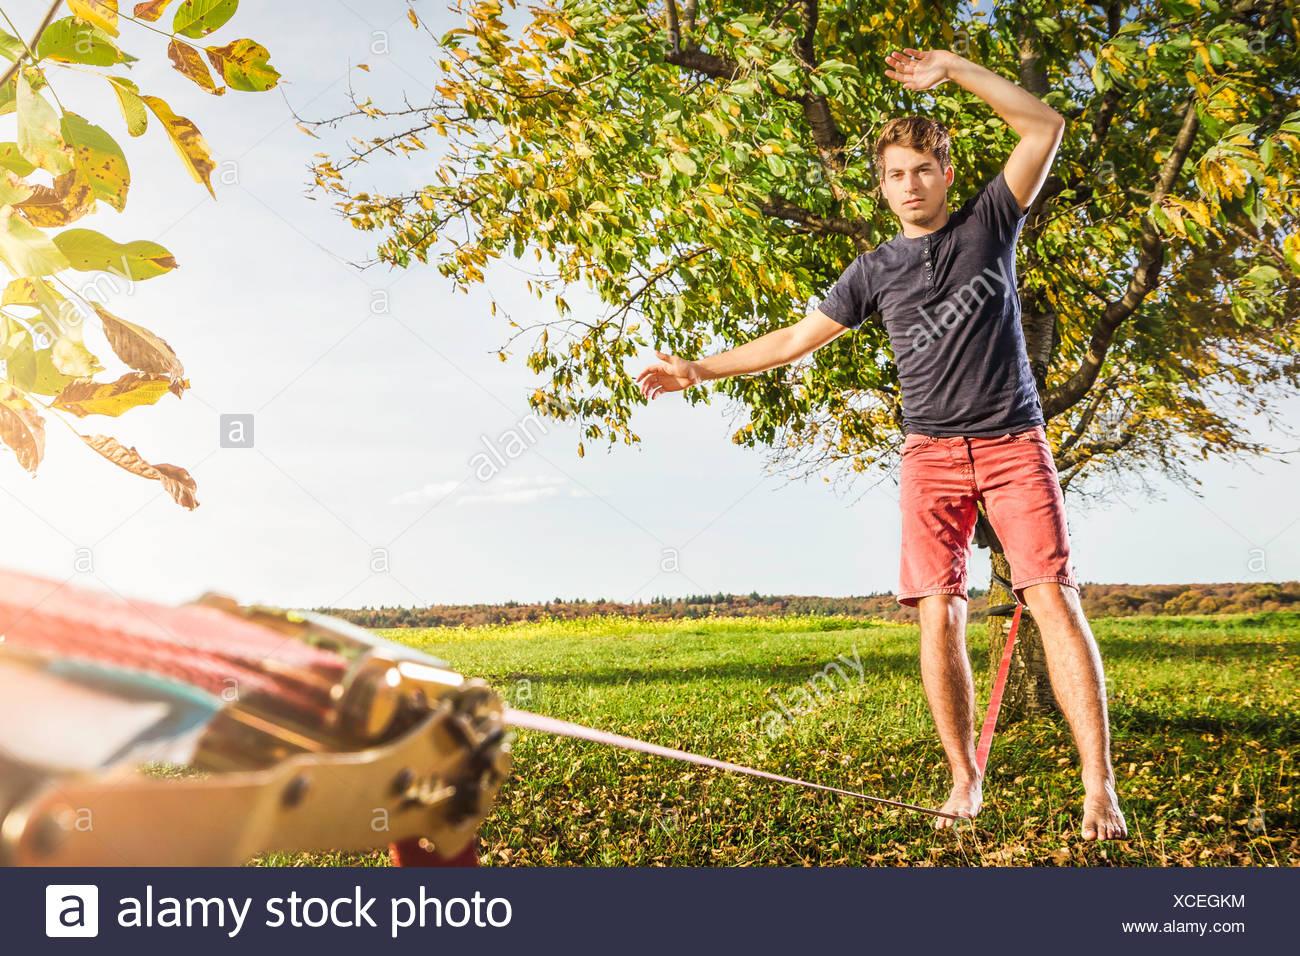 Ritratto di giovane uomo equilibrato sul slackline Immagini Stock